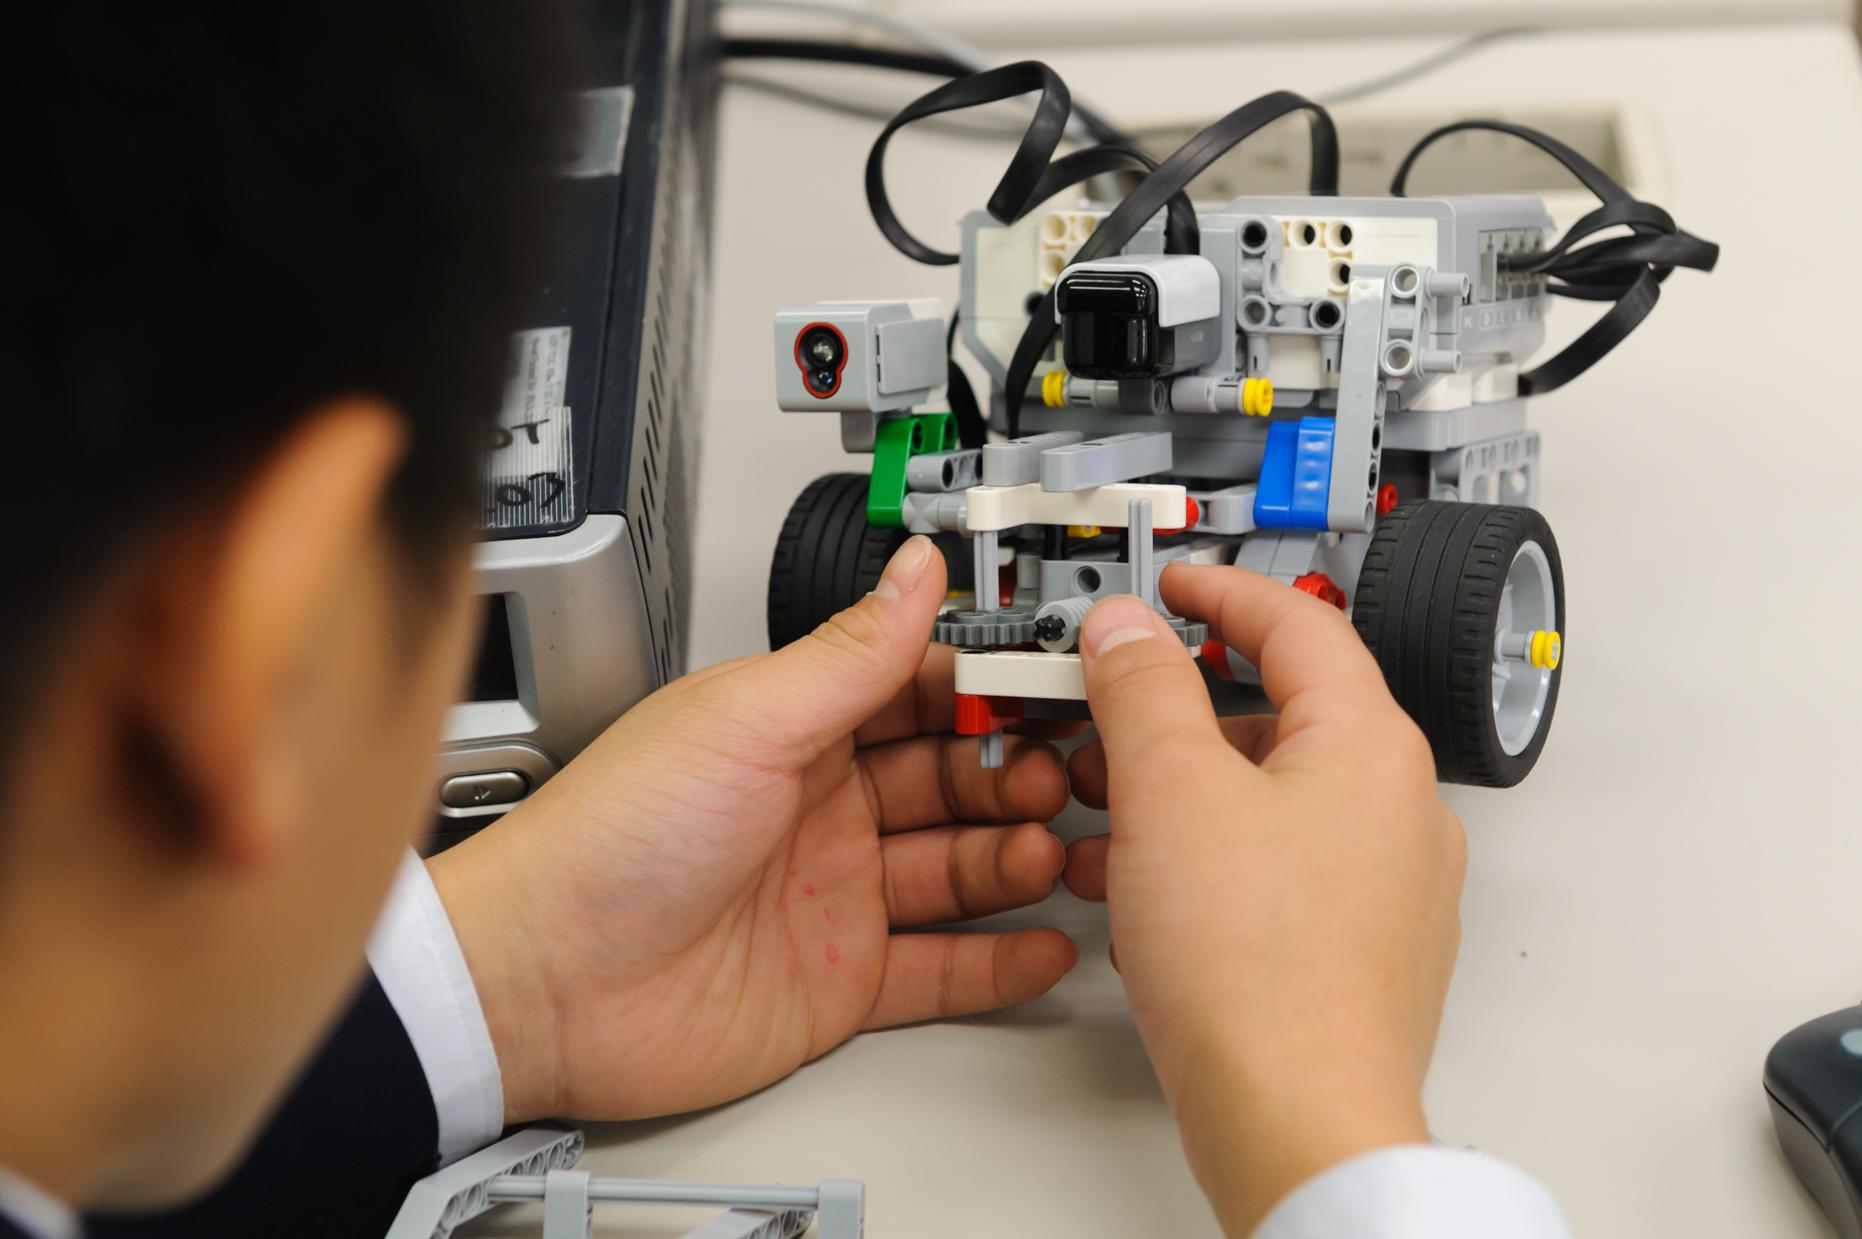 一般社団法人 ロボット技術検定機構